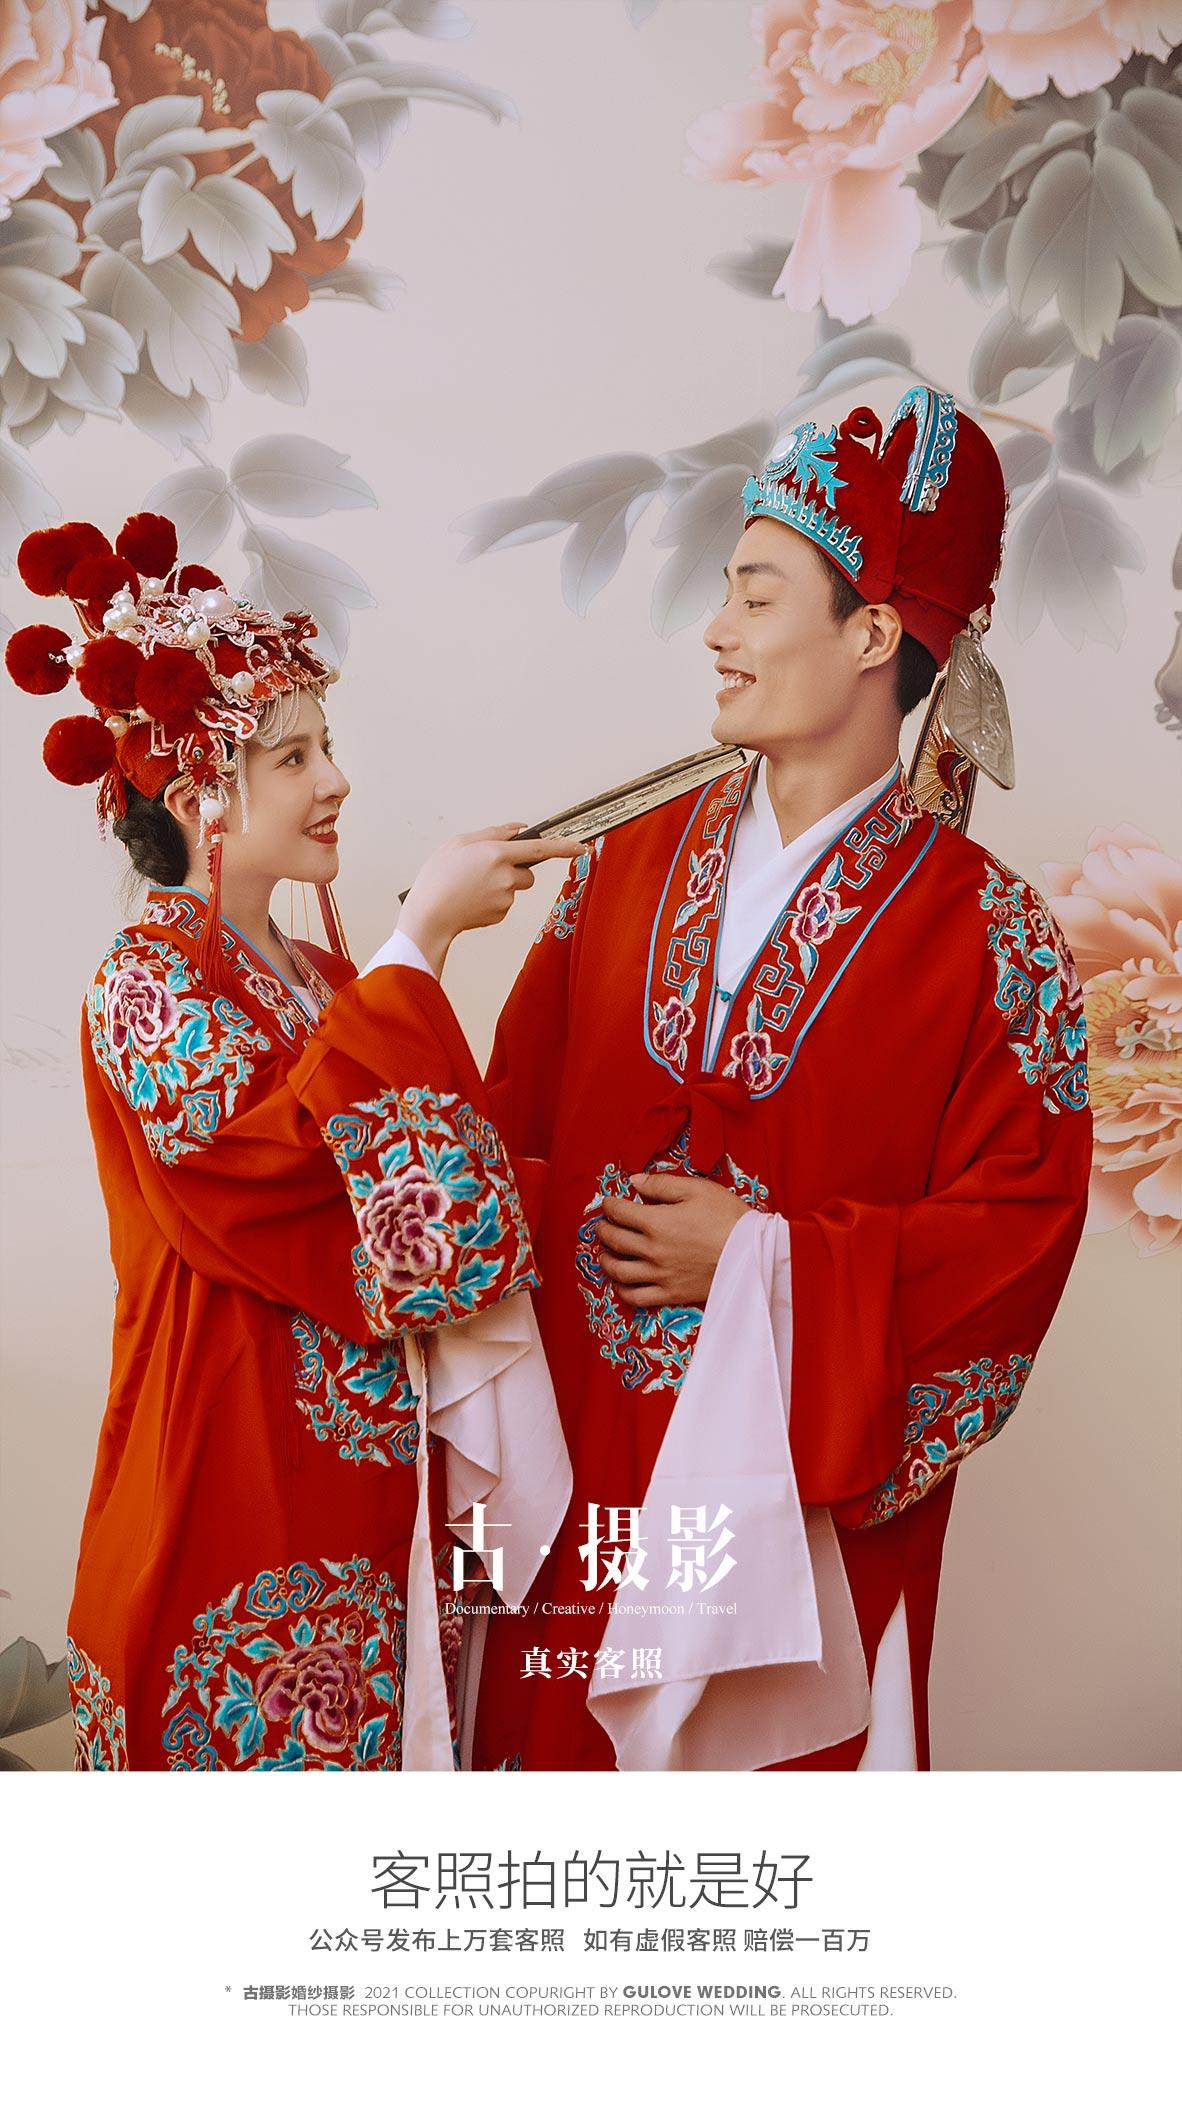 09月客照第一季 - 月度客照 - 古摄影婚纱艺术-古摄影成都婚纱摄影艺术摄影网